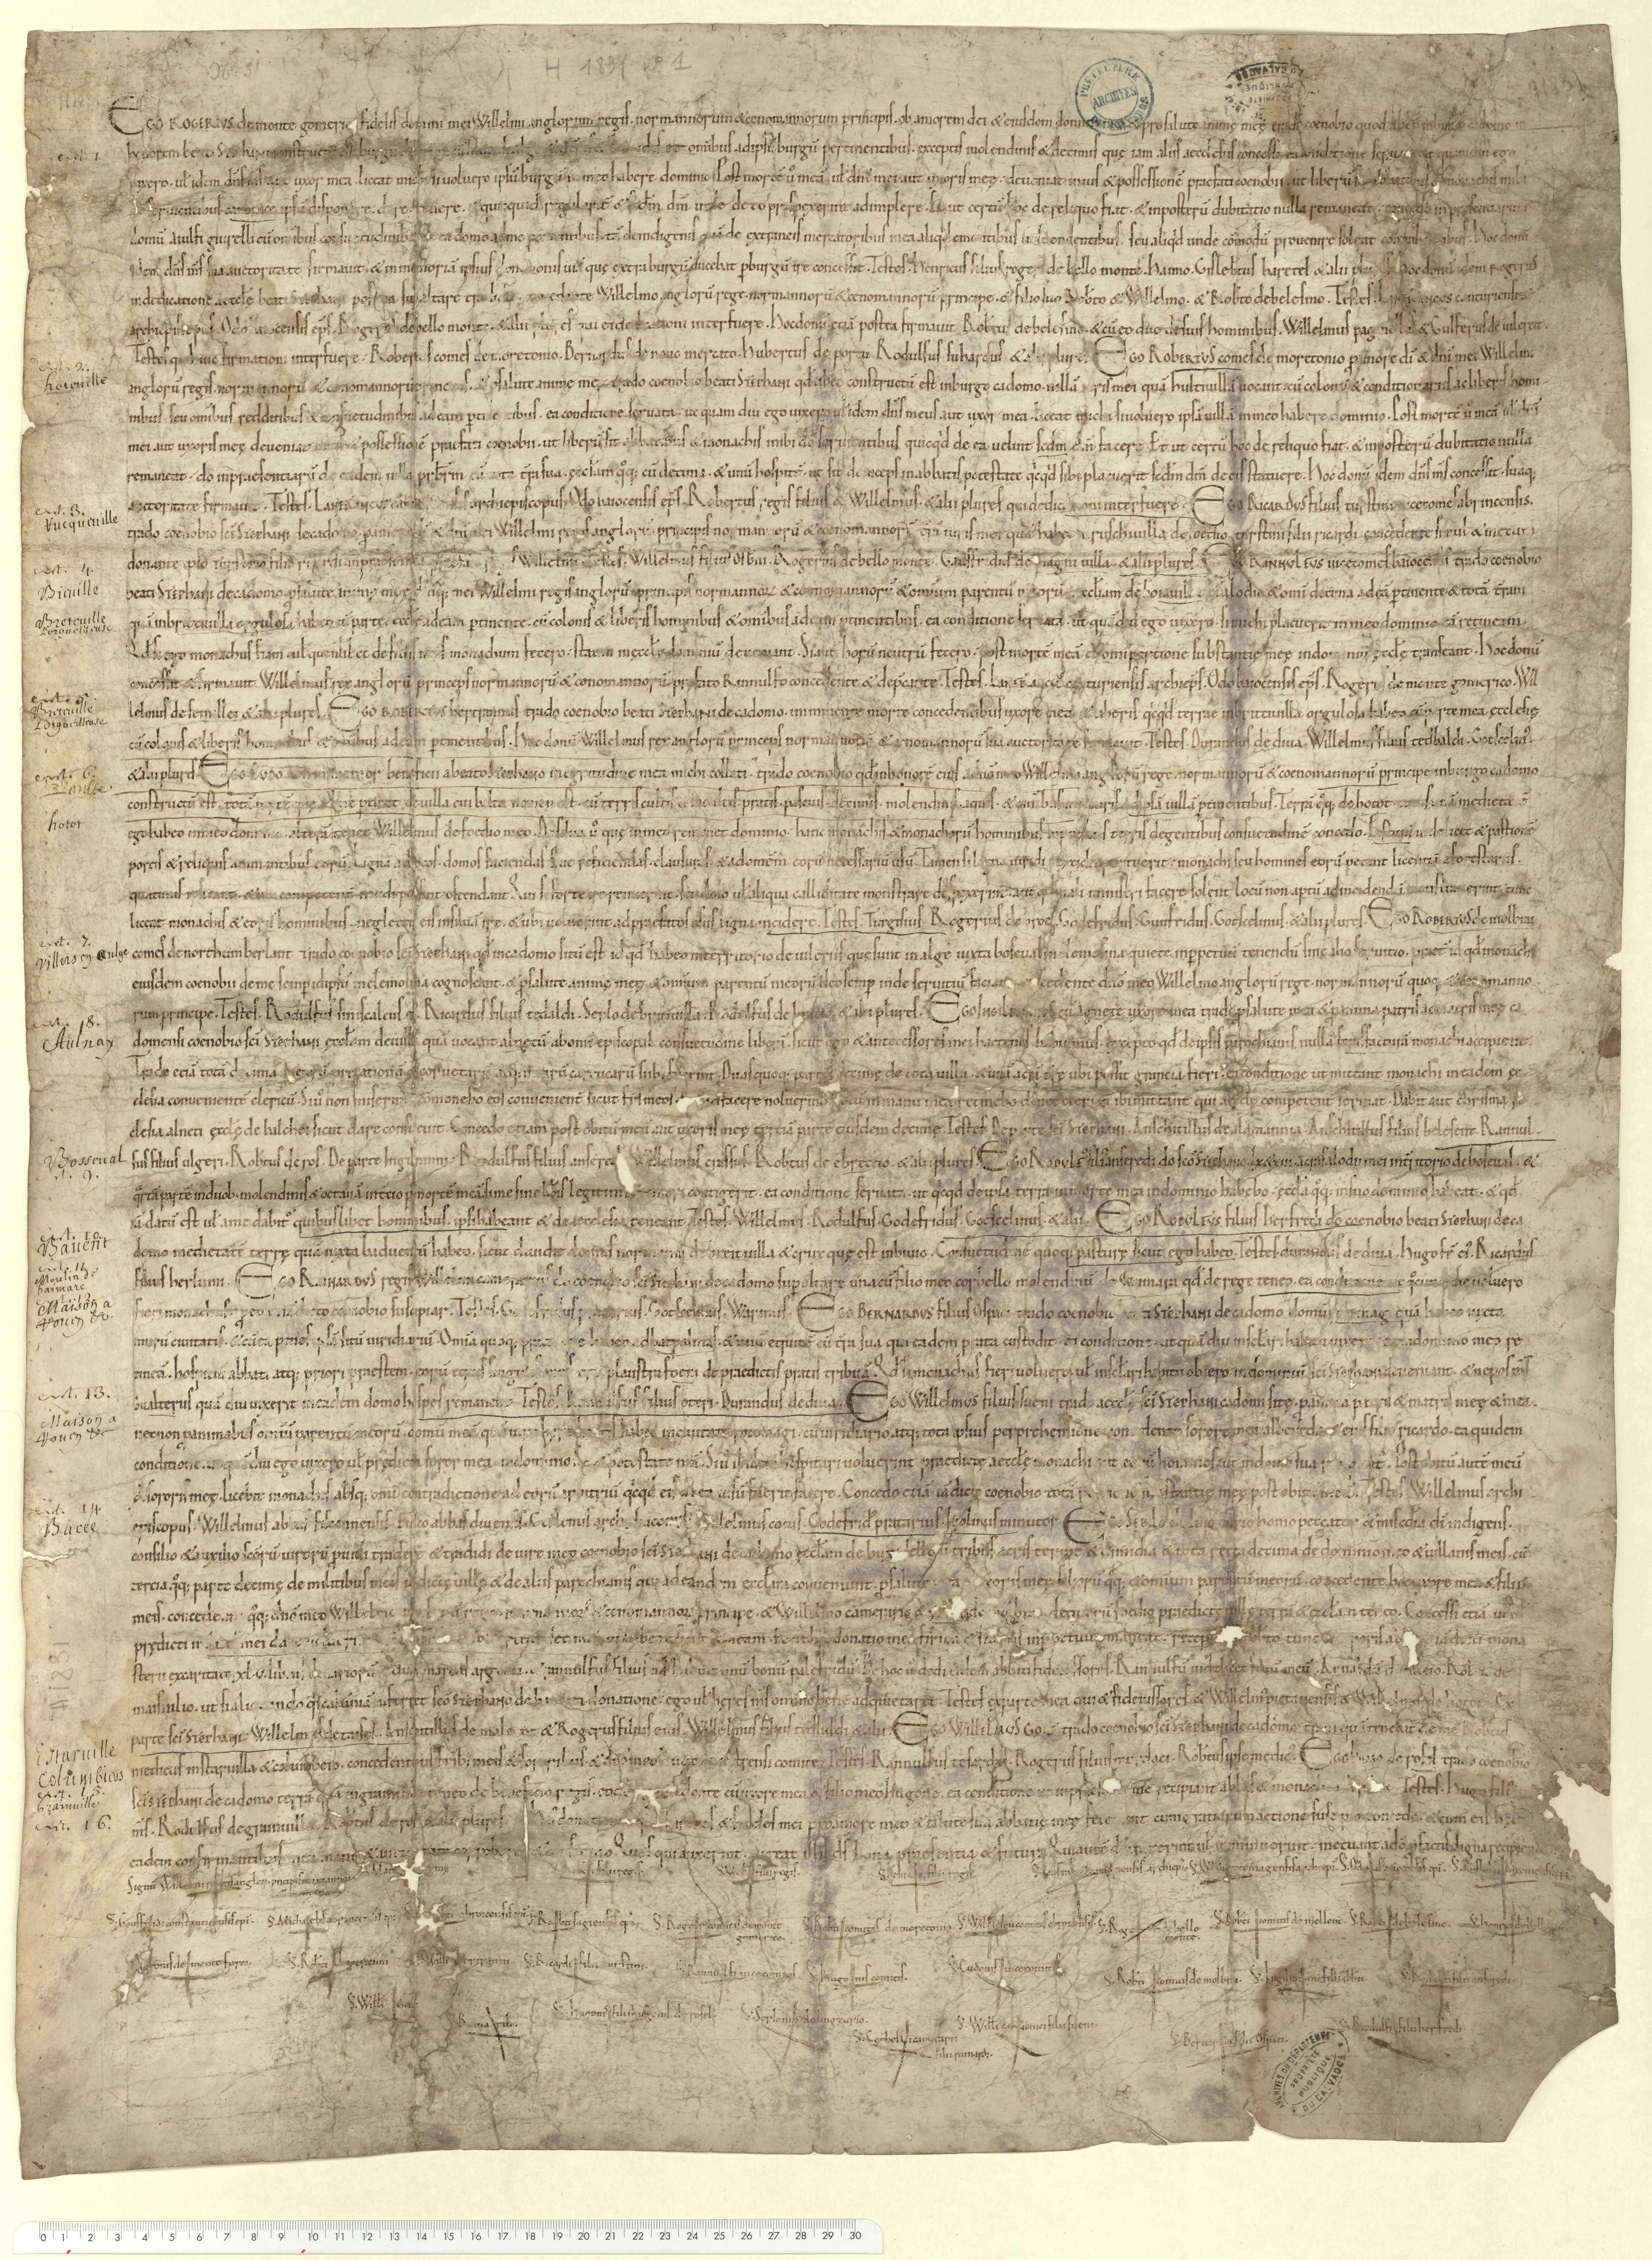 Guillaume et la reine Mathilde souscrivent une pancarte rappelant seize donations, dont celle de Roger de Montgommery sur le bourg de Trun.